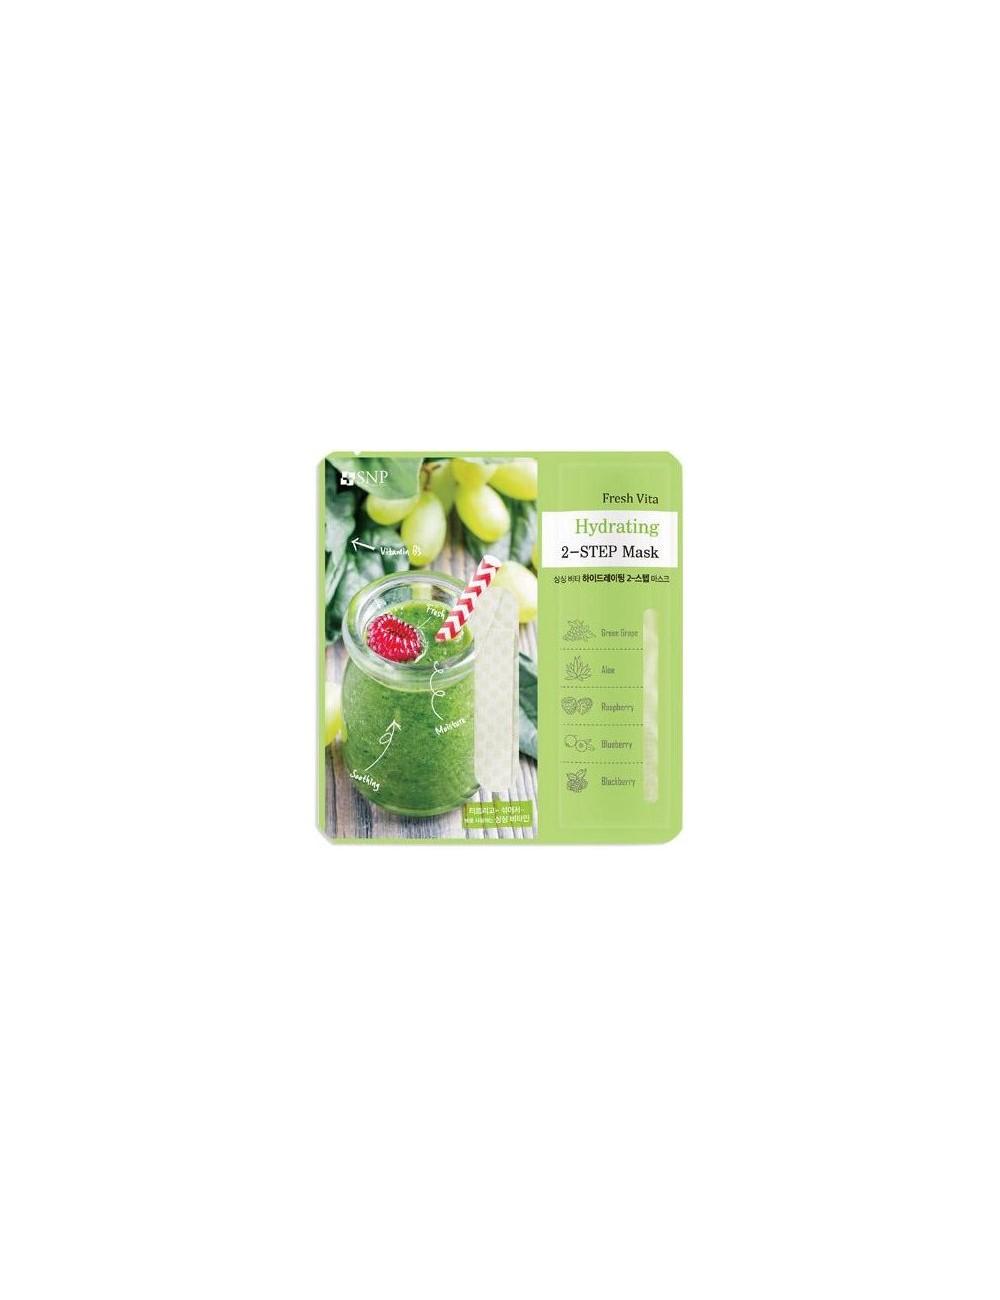 Mascarilla Hidratante y Calmante SNP Fresh Vita Hidrating 2-Step Mask